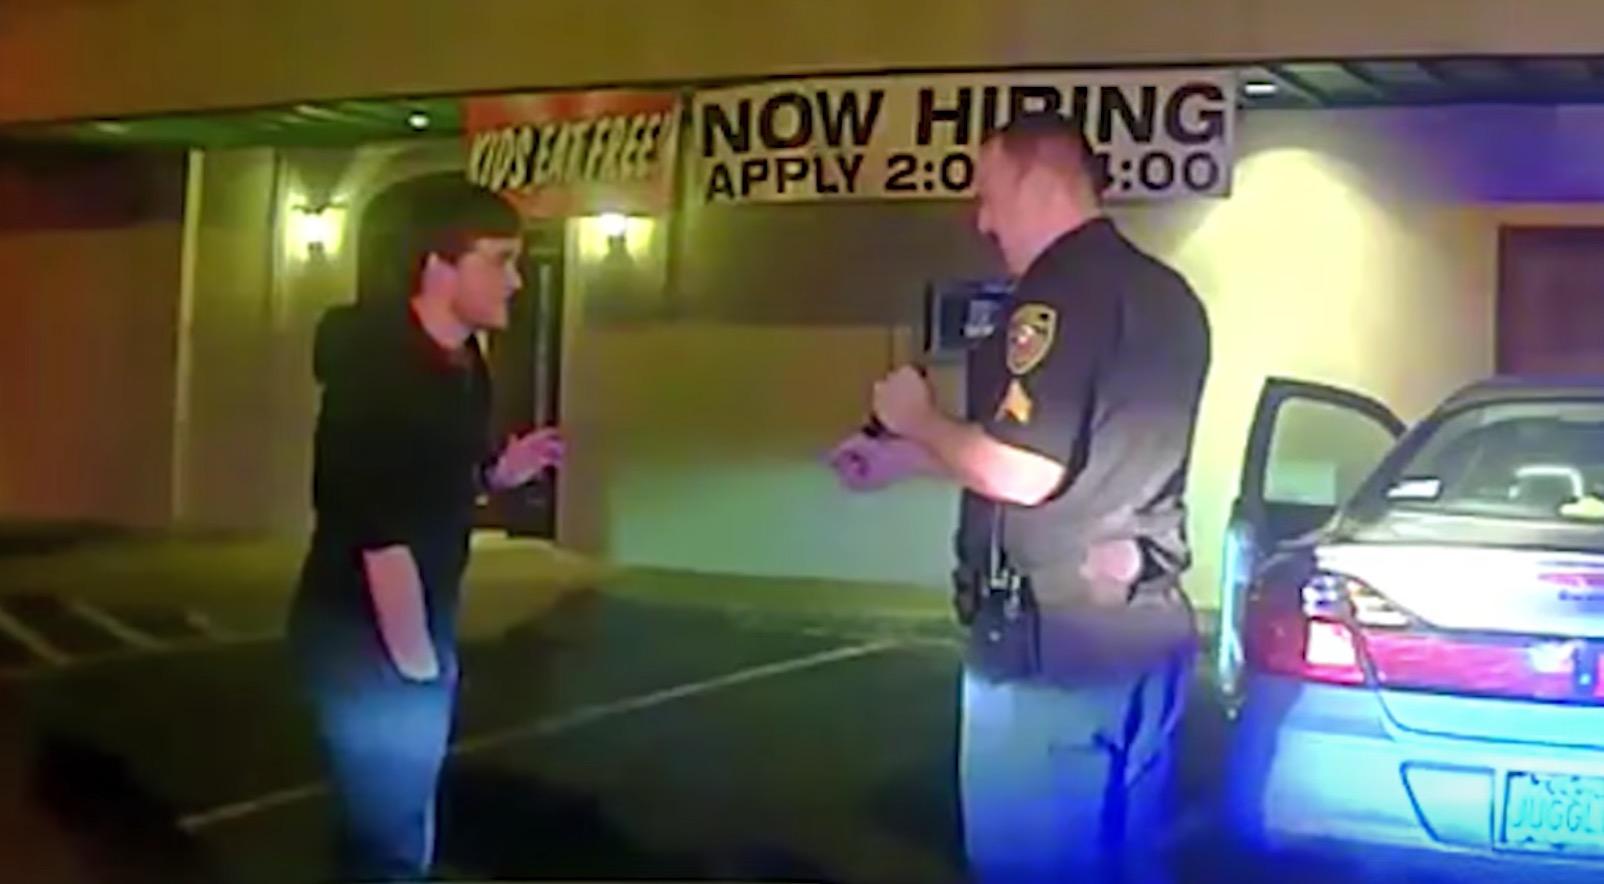 飲酒を疑われ警官に停車させられた大学生。面白すぎる方法で飲んでいないことを証明笑